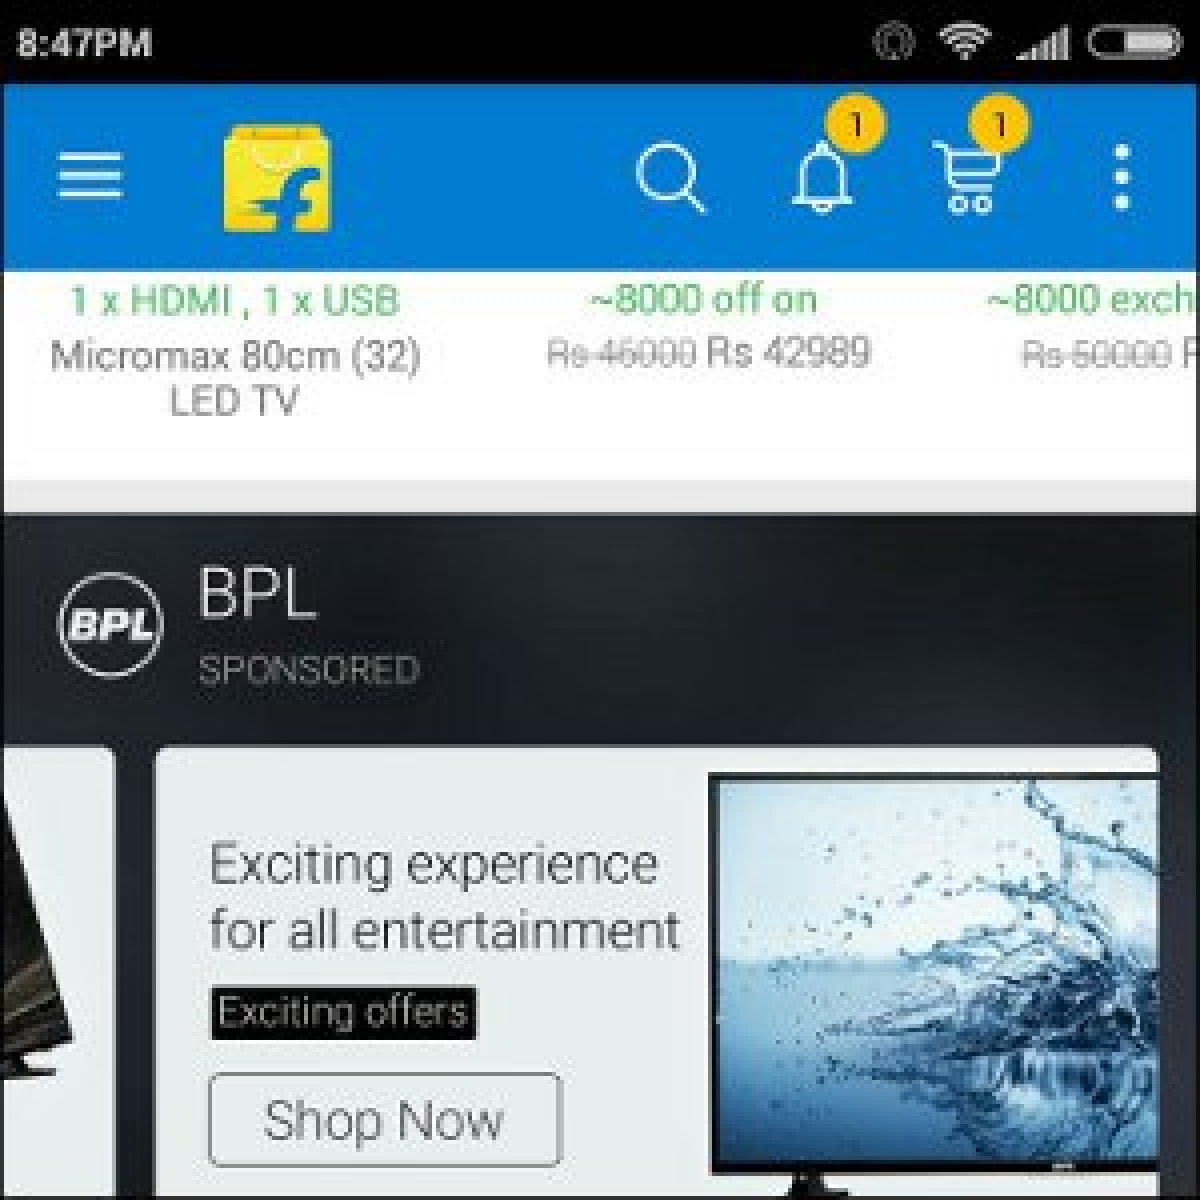 Flipkart's 'Brand Story Ads' goes live